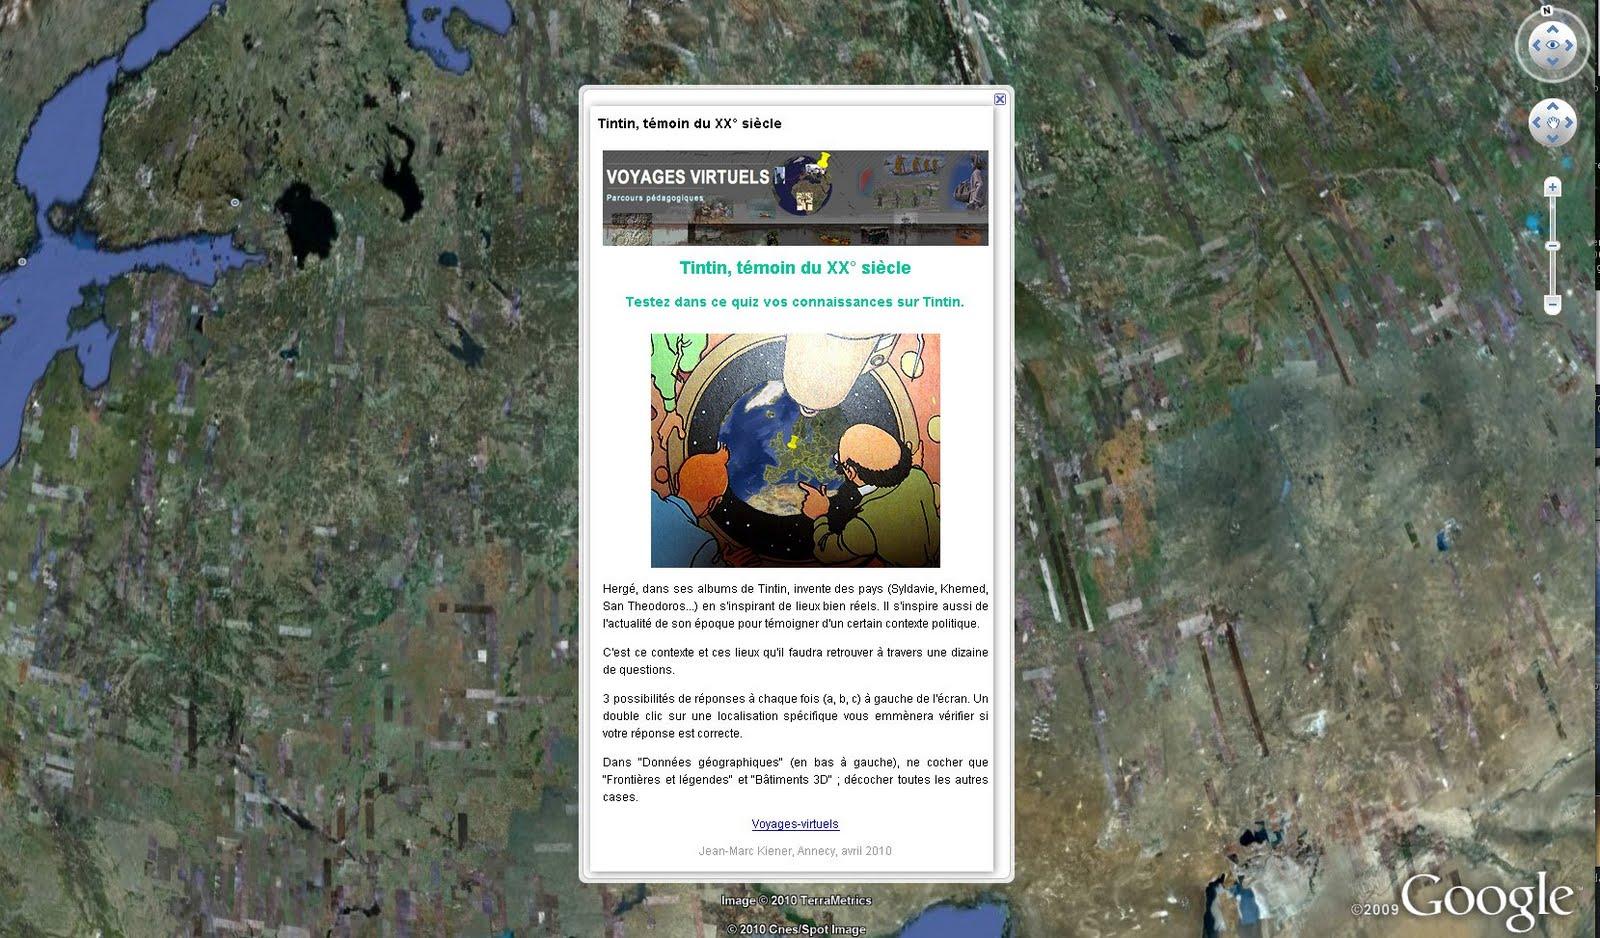 Los viajes de Tintín en Google Earth. Clicar para acceder al fichero KMZ